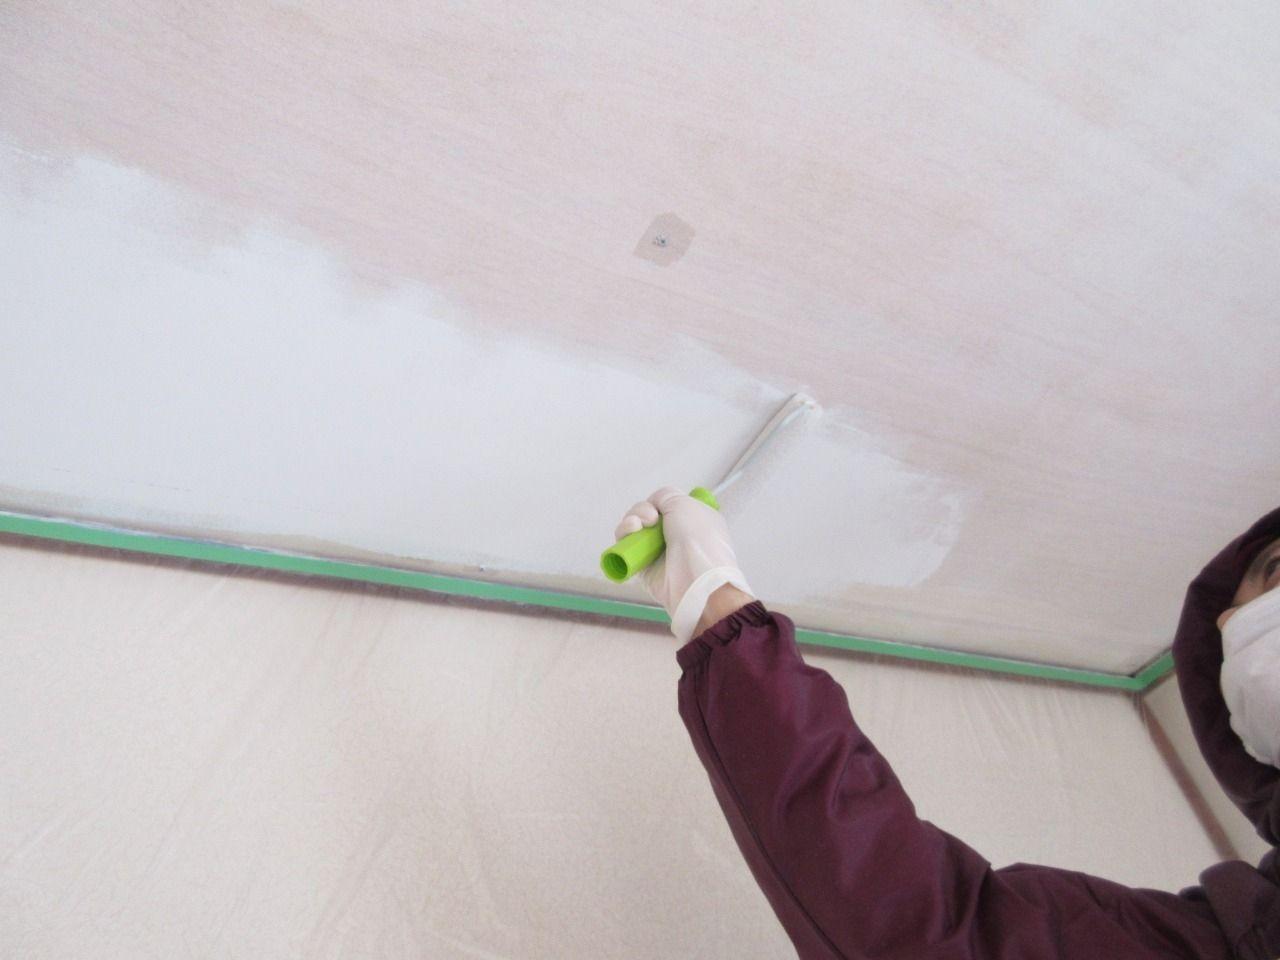 みなさまこんにちは。 シーラーも塗り終えて下地調整が完了したので、いよいよ塗料を天井に塗っていきます。